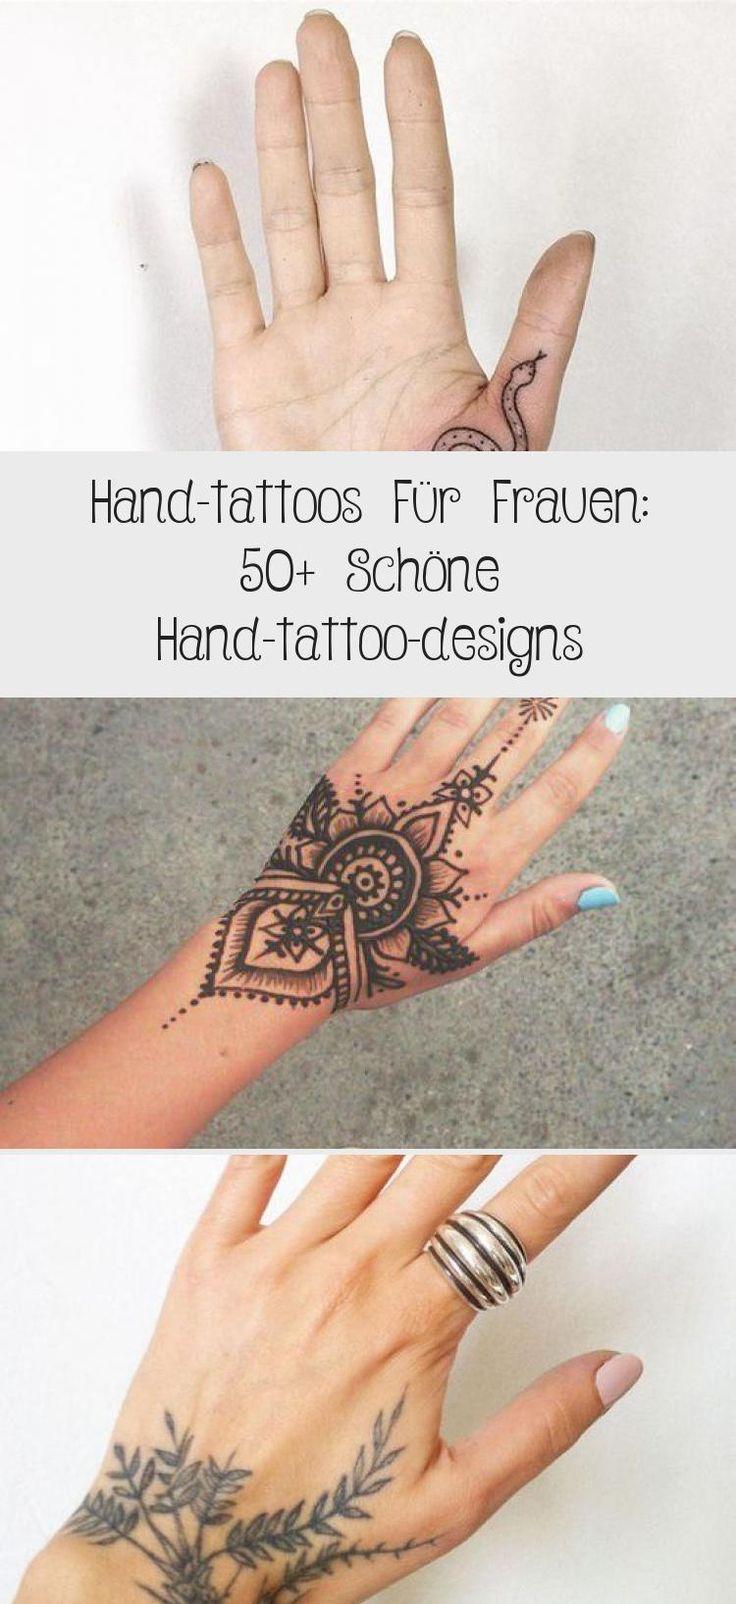 Hand-tattoos Für Frauen: 50+ Schöne Hand-tattoo-designs